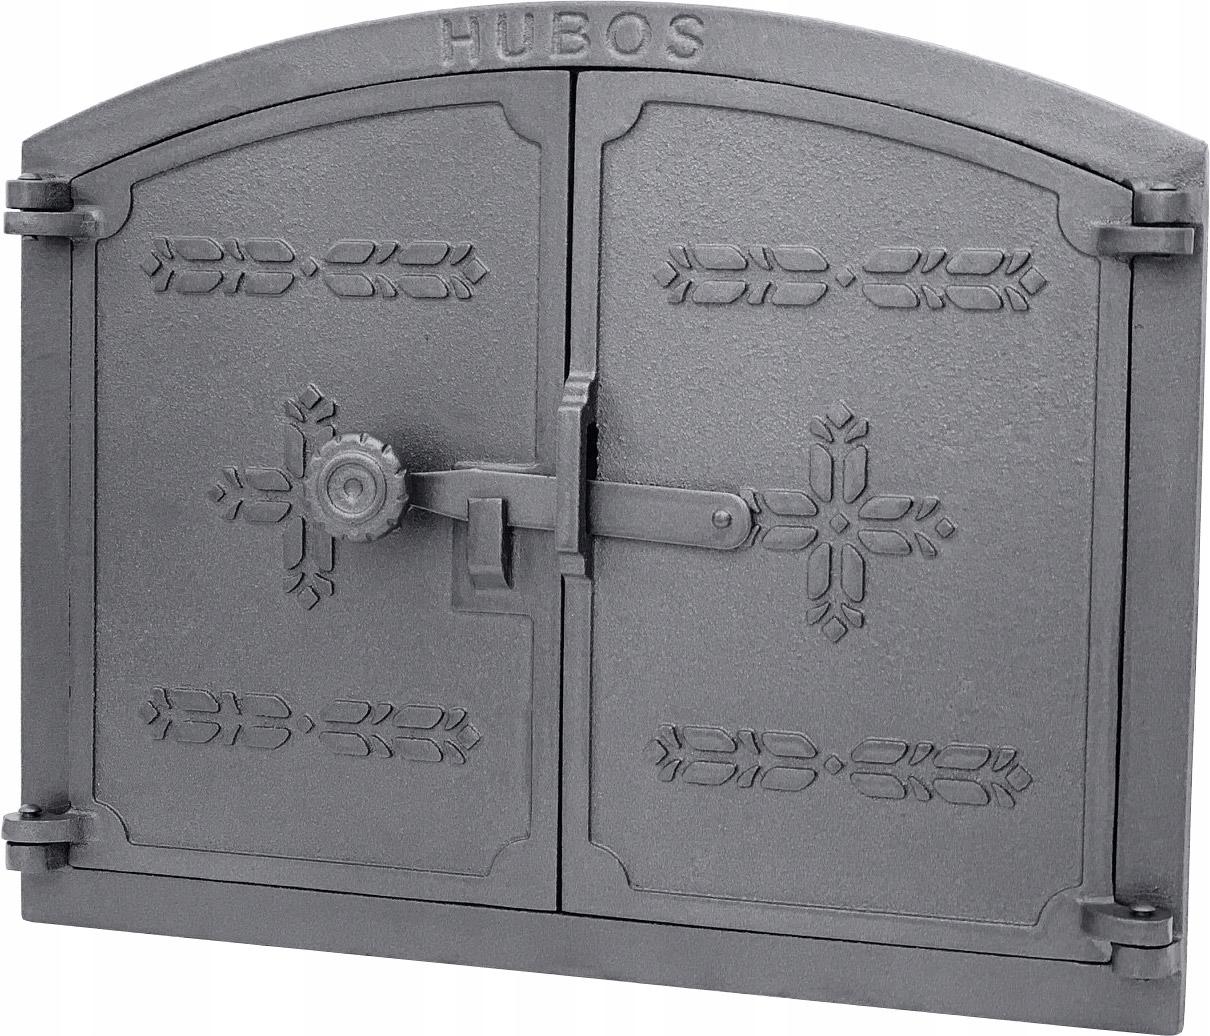 Дверь, вилки, прямо от производителя! ХУДОС, НОВЫЙ